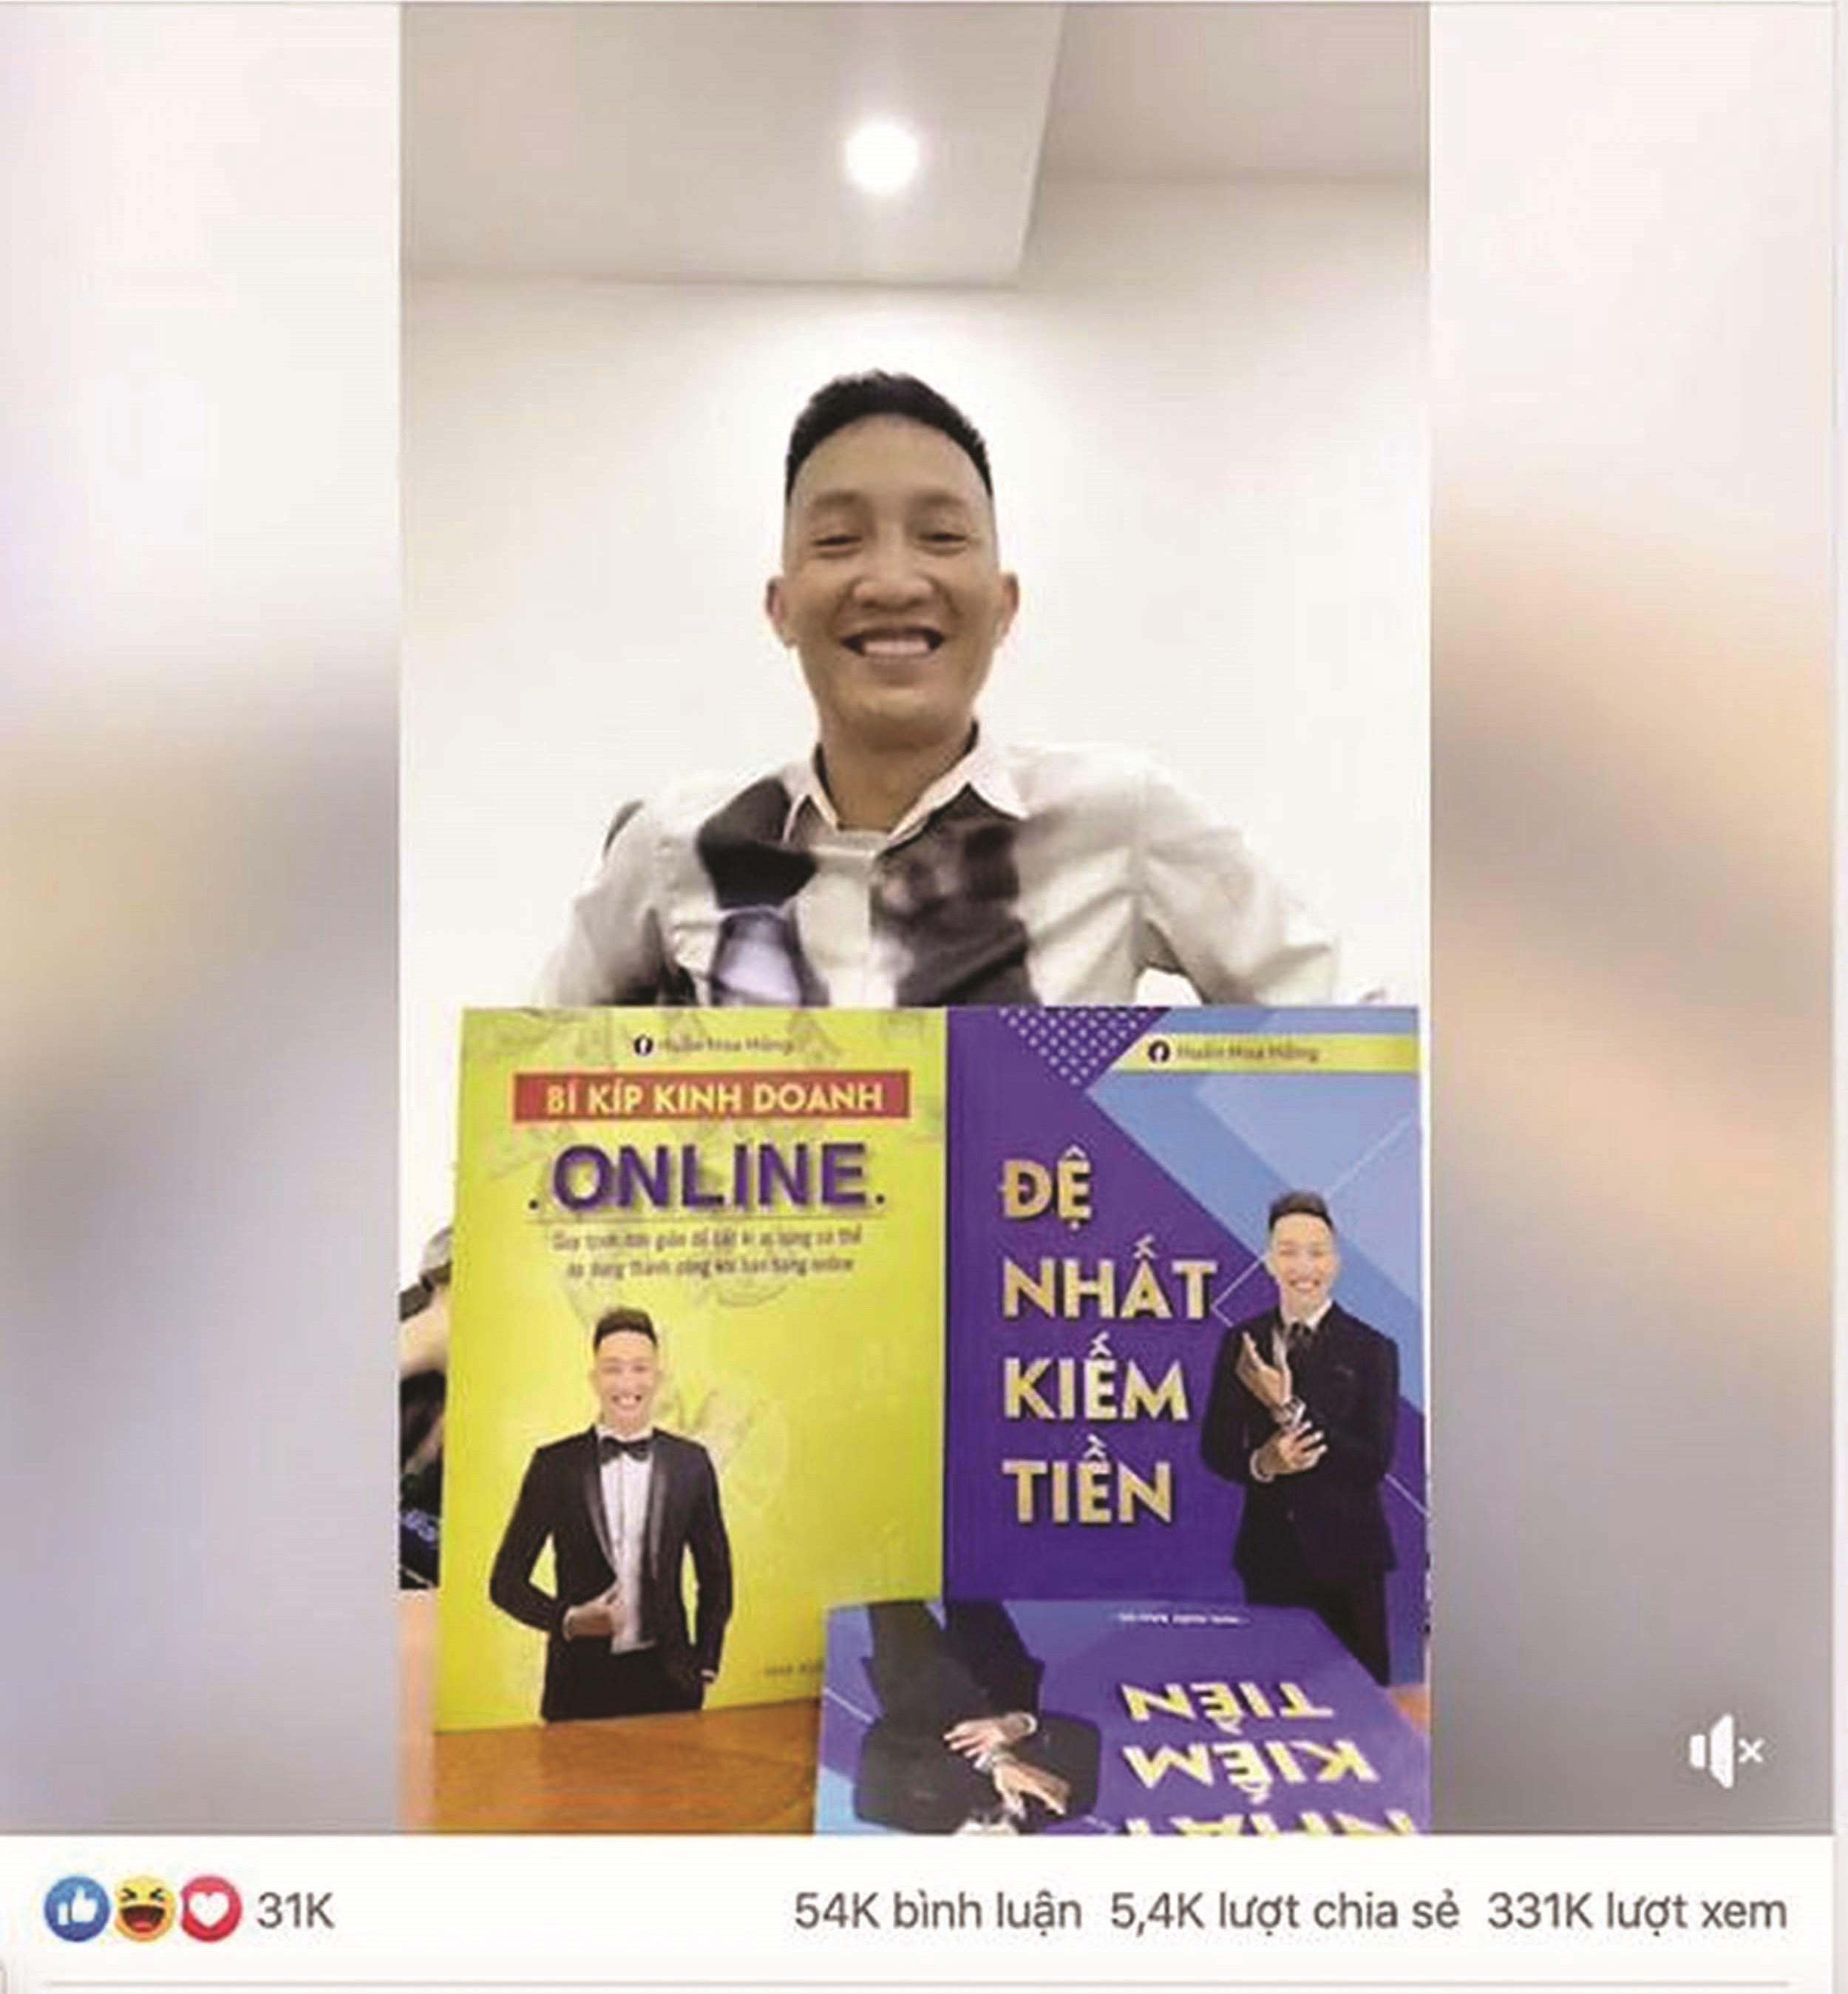 Video Huấn Hoa Hồng giới thiệu bán sách thu hút hơn 500 nghìn lượt xem trên mạng xã hội